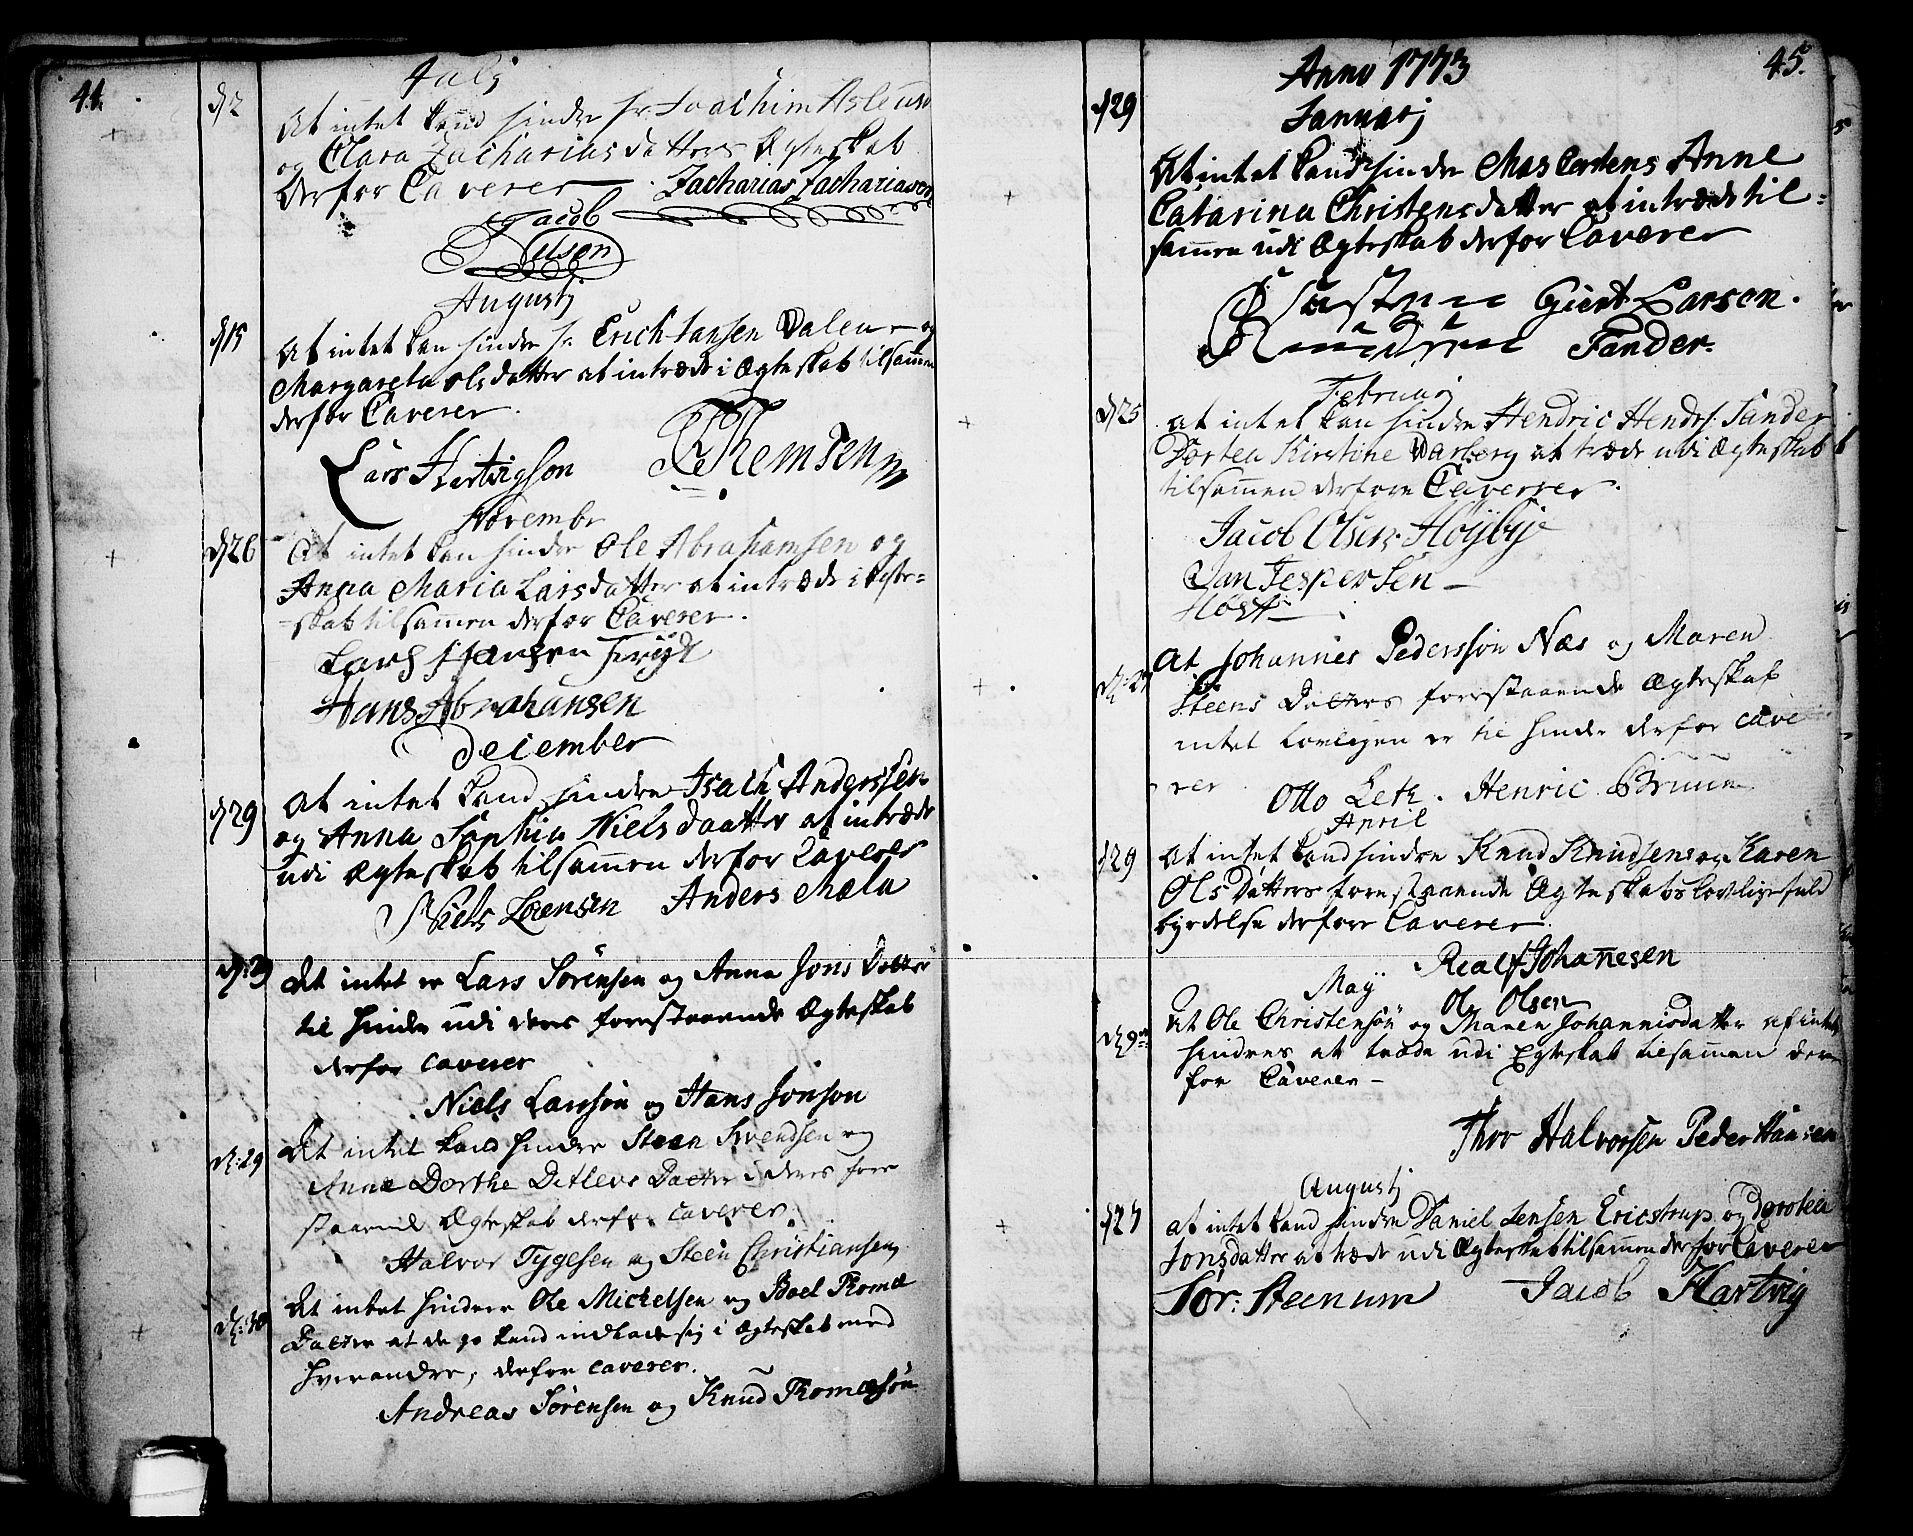 SAKO, Skien kirkebøker, F/Fa/L0003: Ministerialbok nr. 3, 1755-1791, s. 44-45